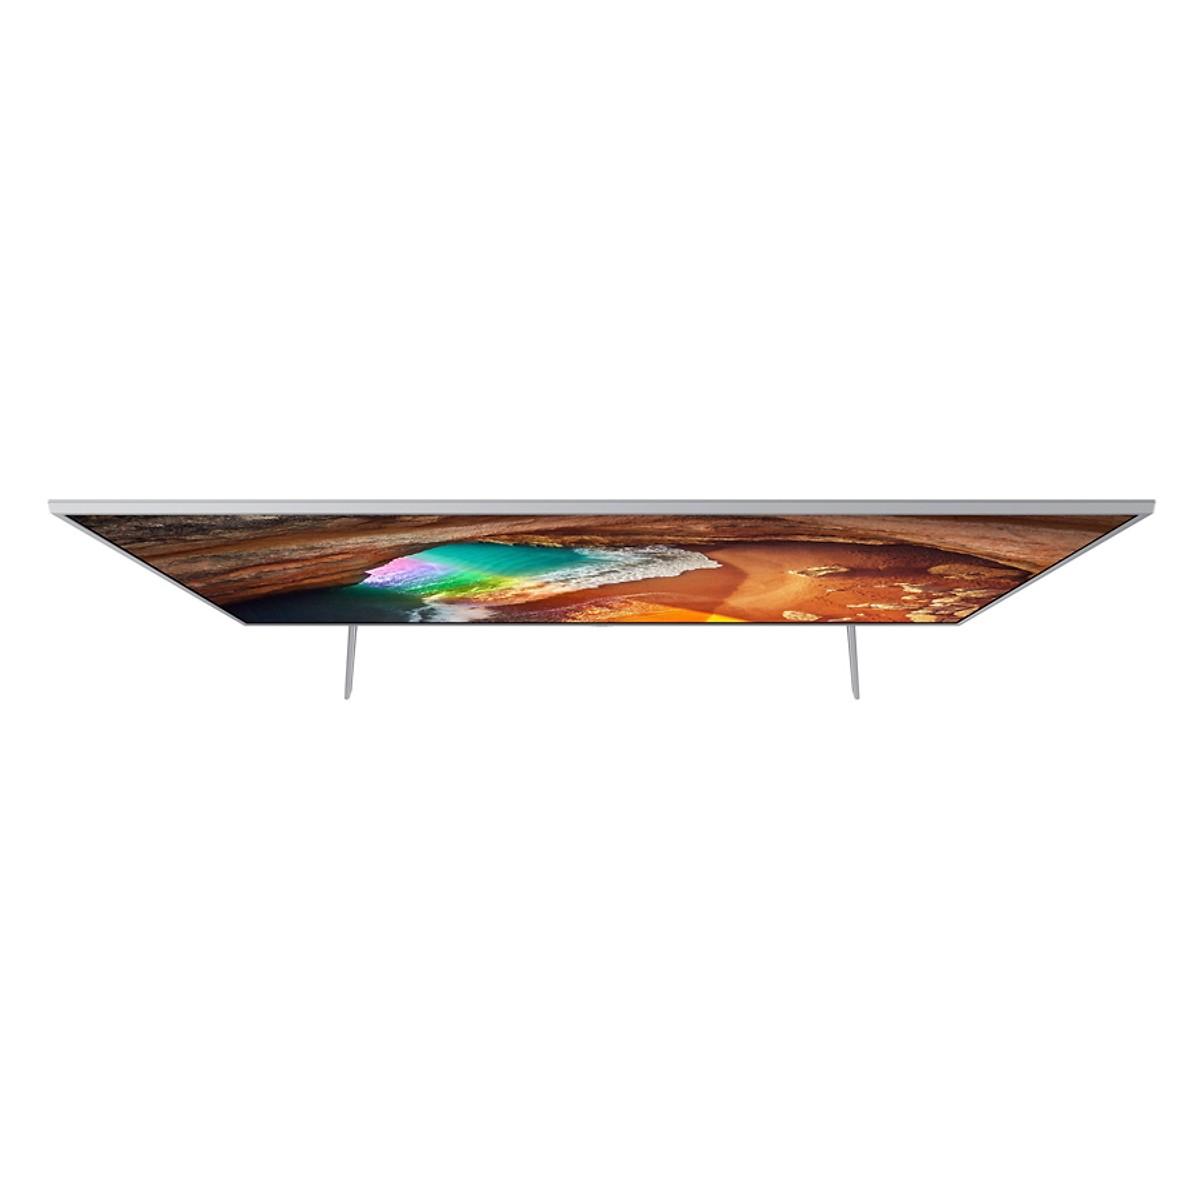 Smart Tivi QLED Samsung 75 inch 4K UHD QA75Q65RAKXXV - Hàng Chính Hãng + Tặng Khung Treo Cố Định